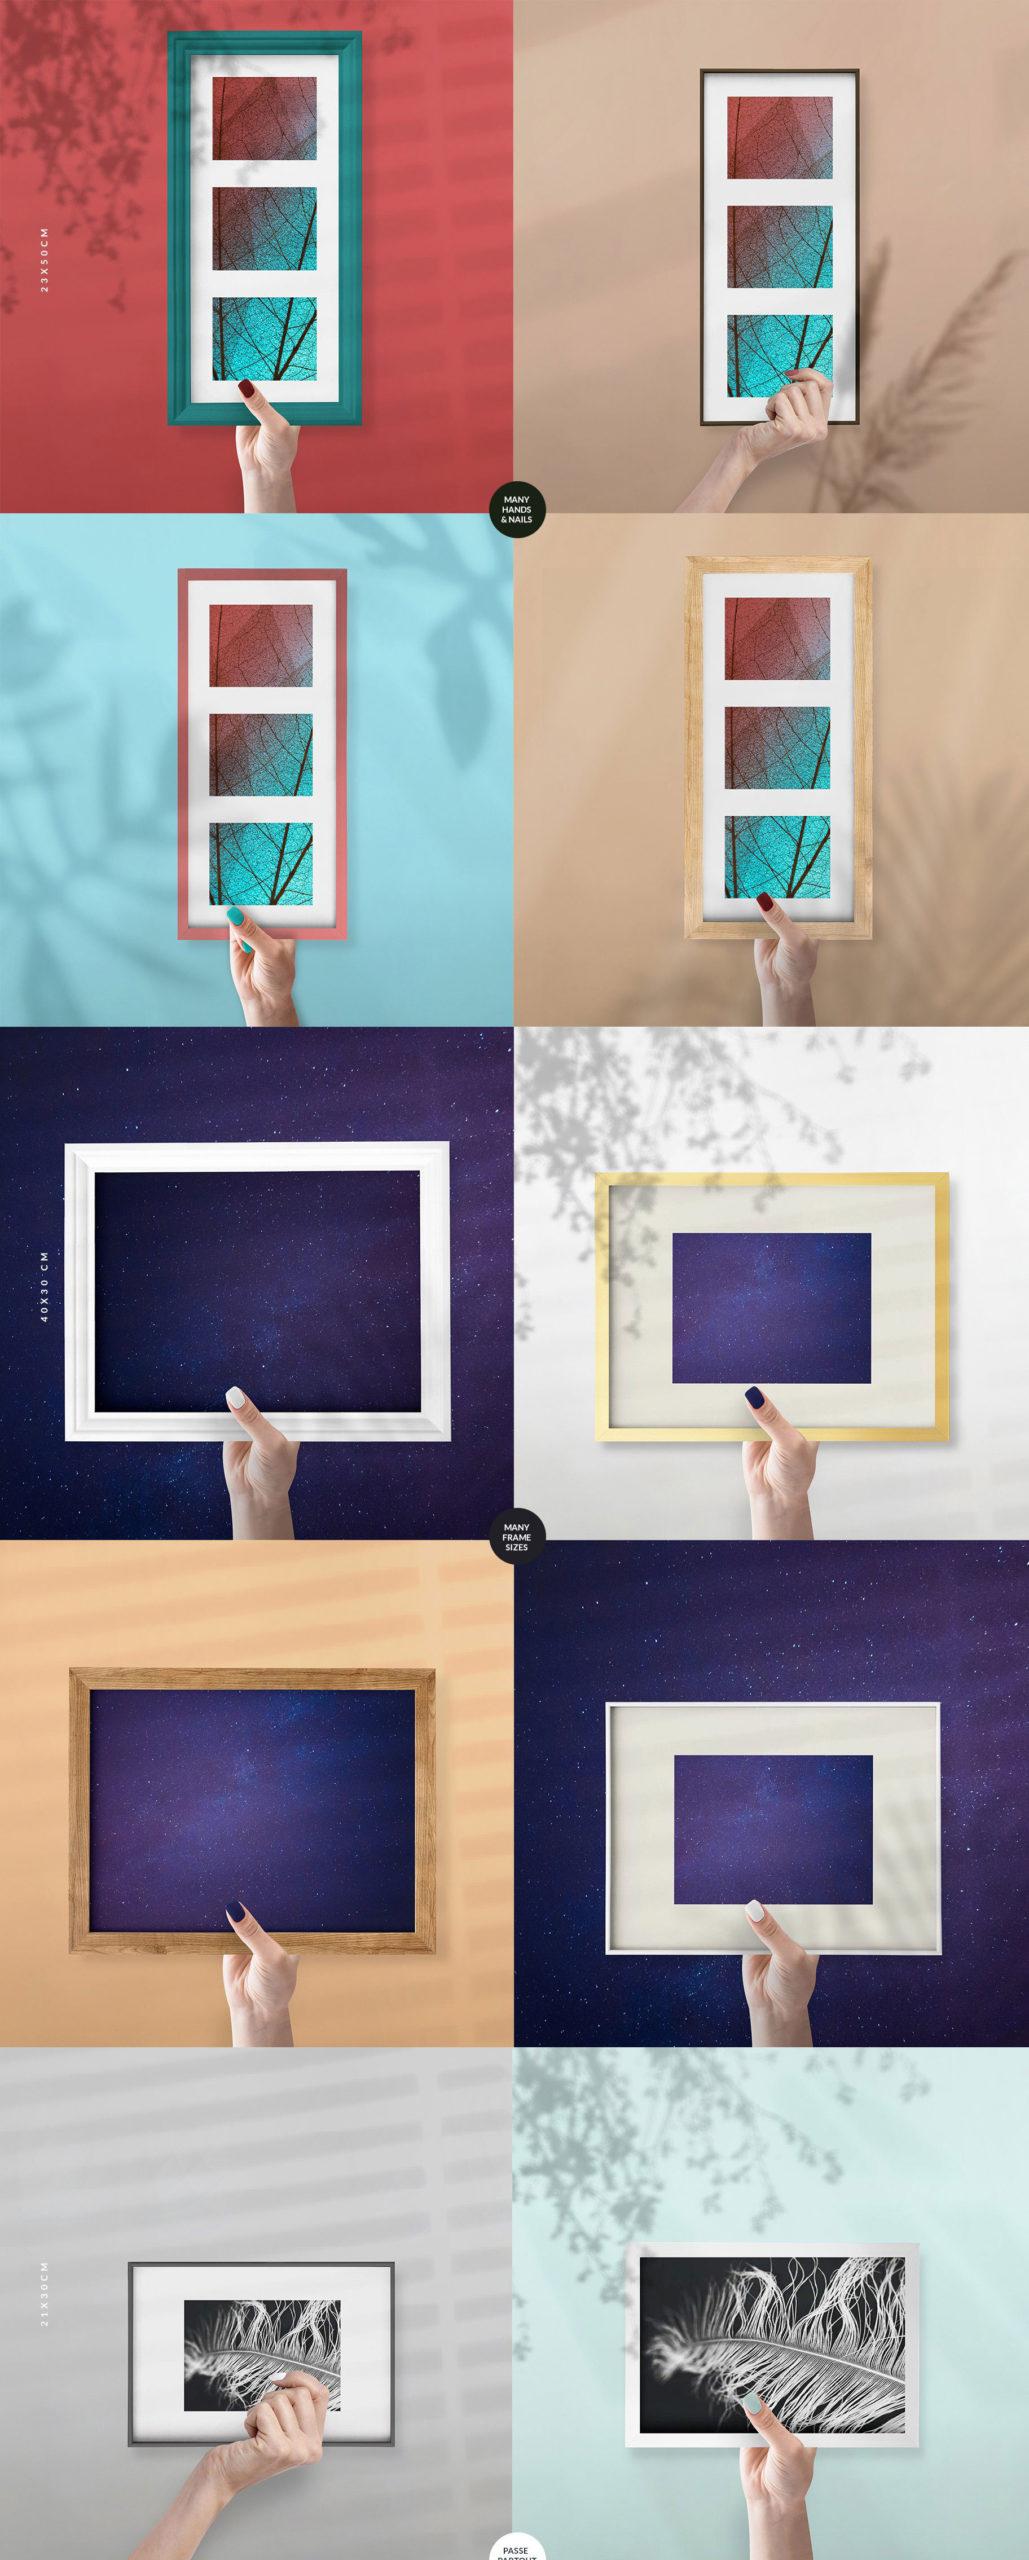 流行海报相片设计展示手持相框镜框PS贴图样机合集 The Frames vol.2 Mockups Set插图3